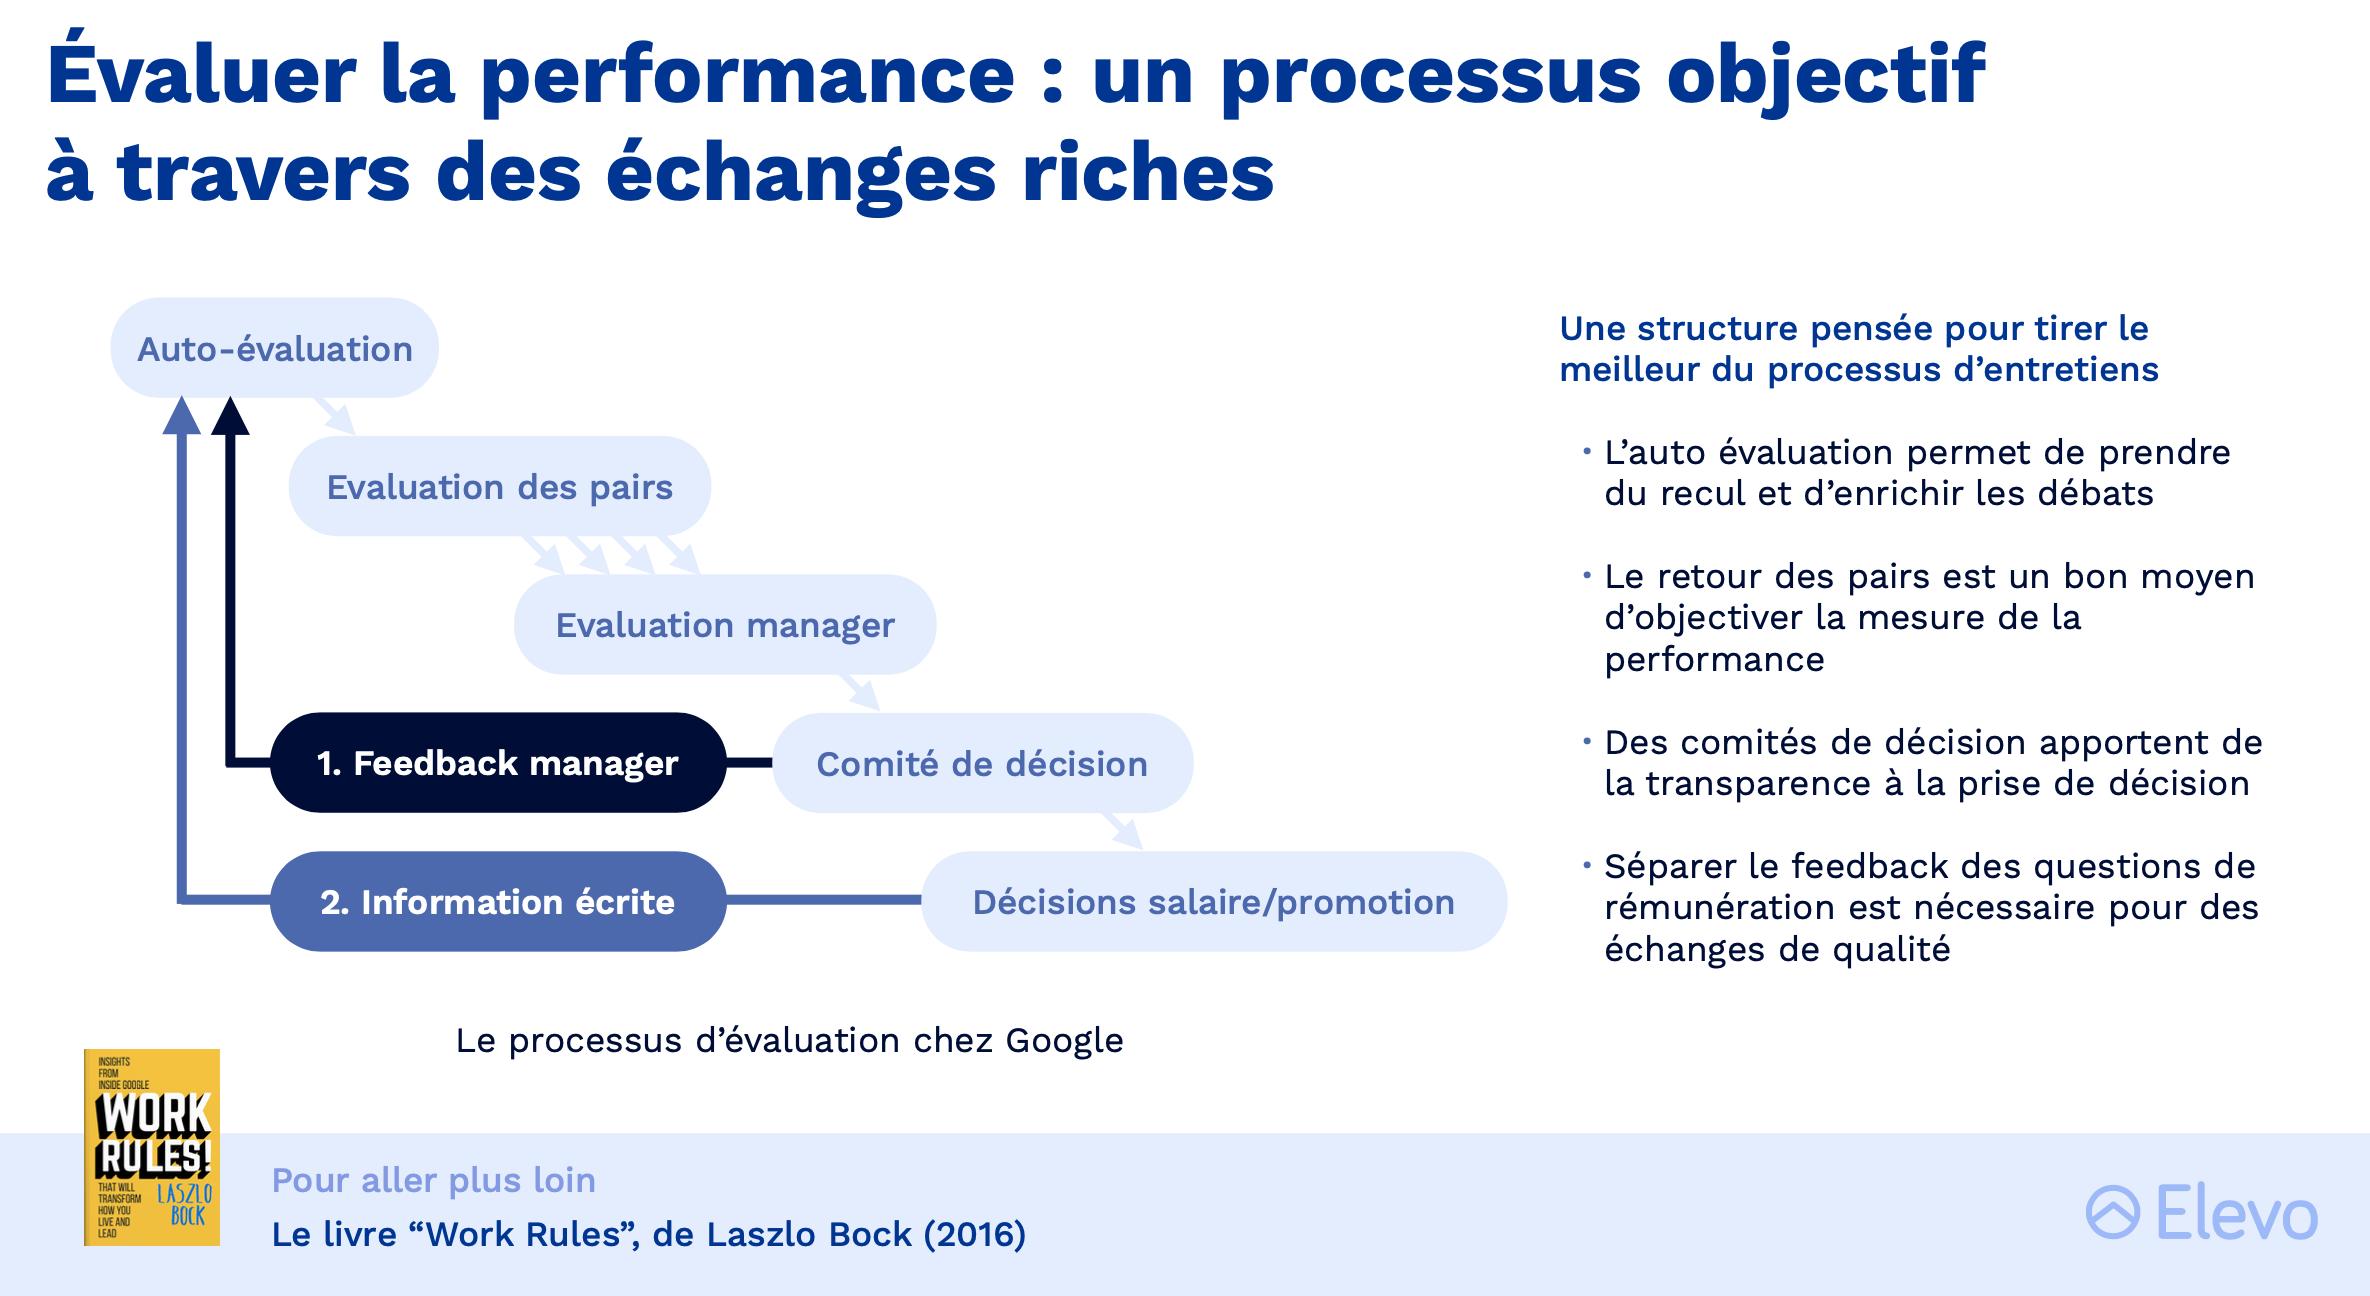 Comment évaluer la performance collaborateur ?